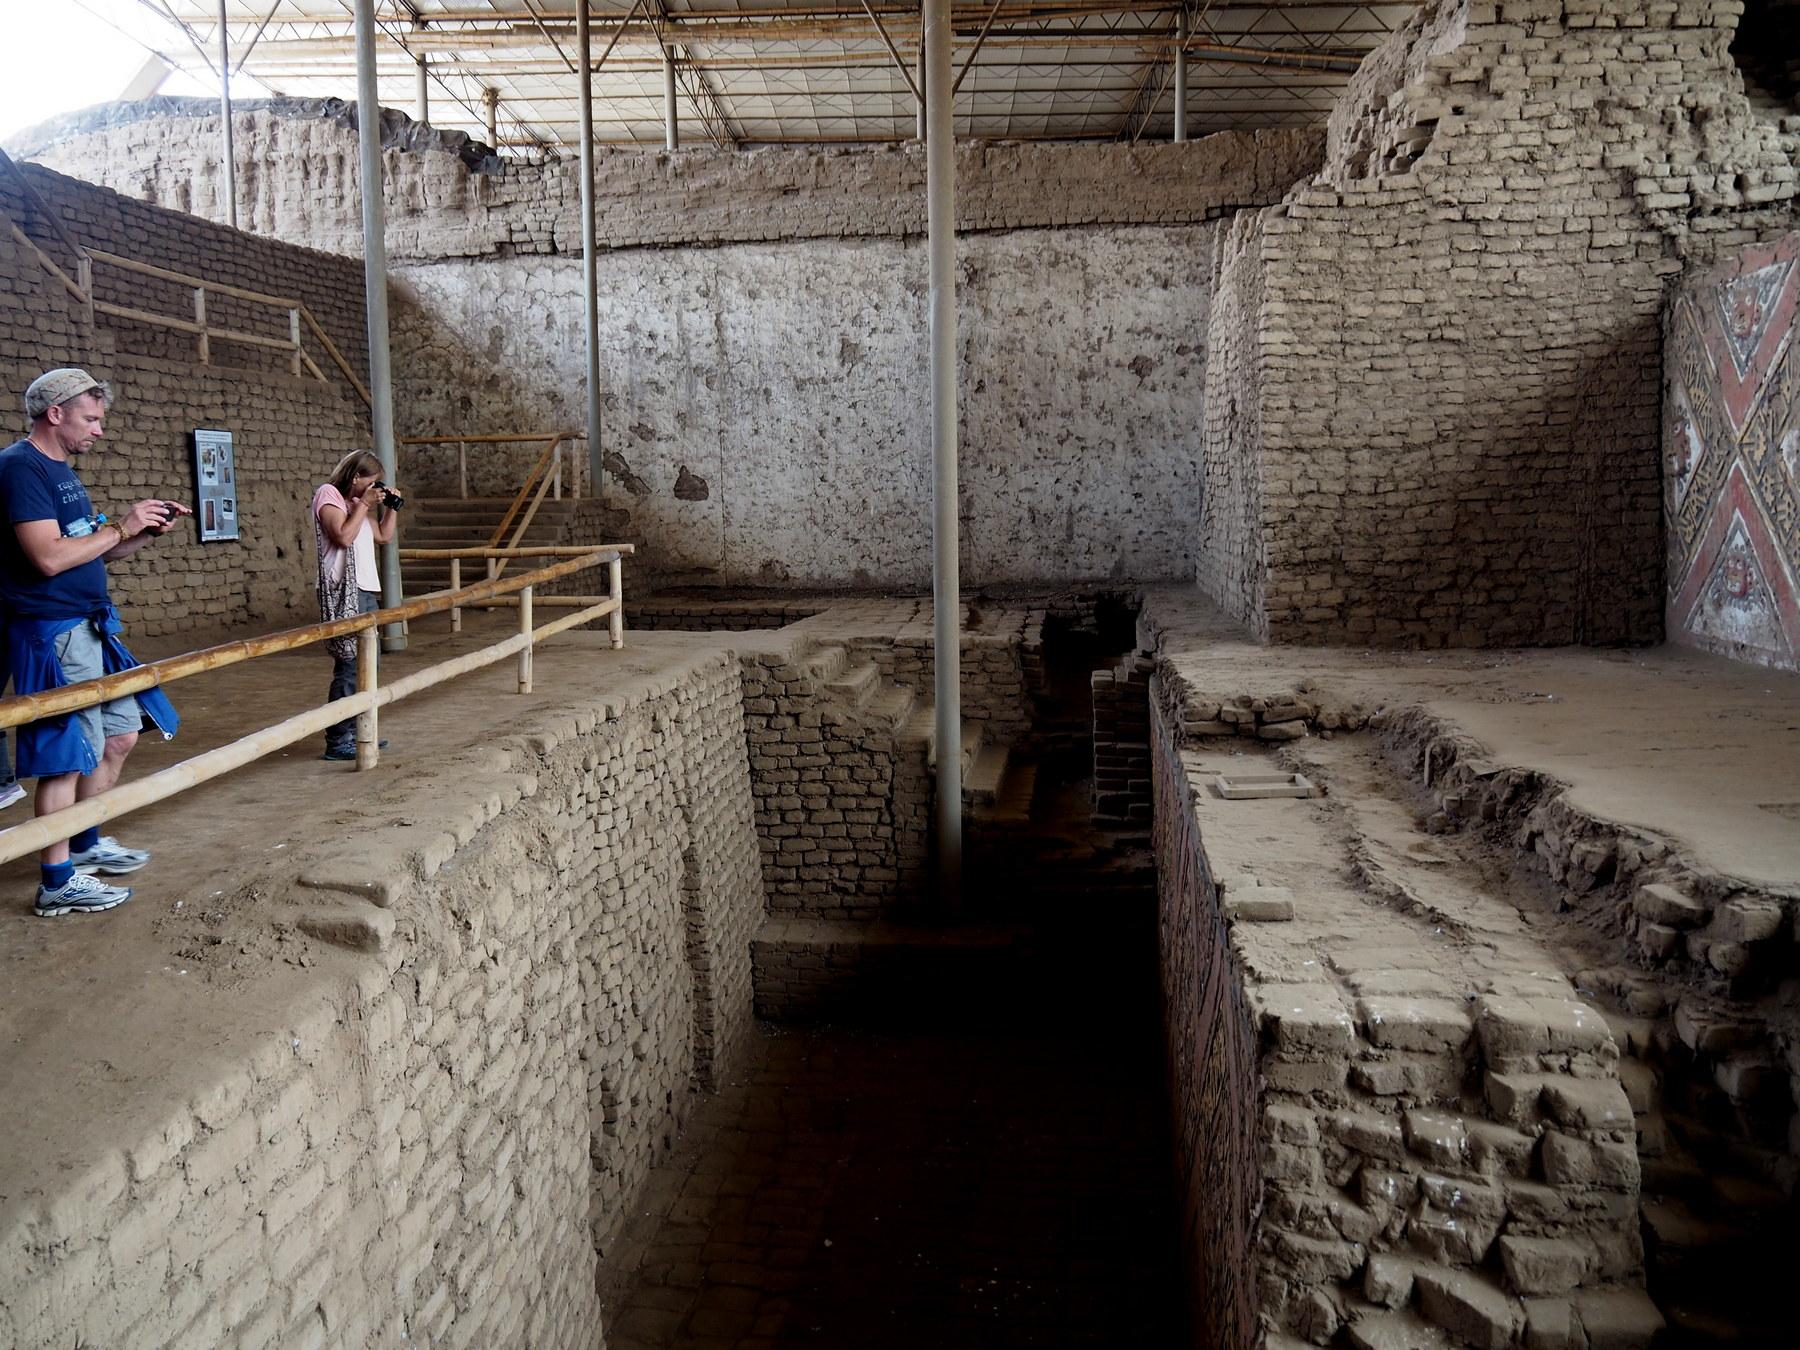 In mehreren Ebenen wurden Bauwerke freigelegt